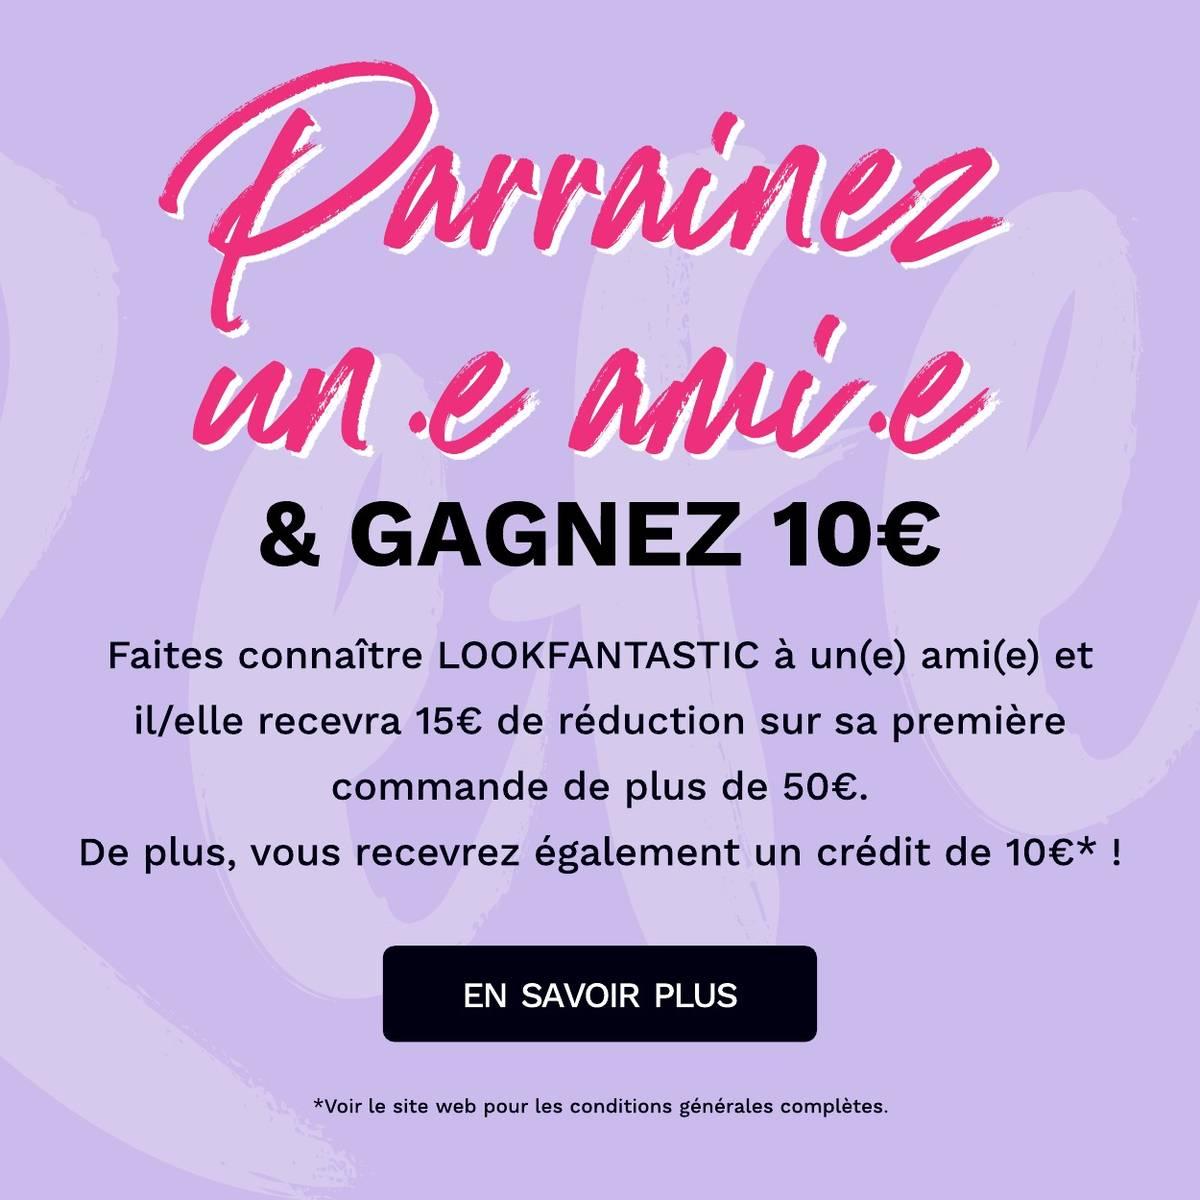 Recrutez un ami et offrez-lui une Beauty Box pour tout achat de 50 € ou plus !